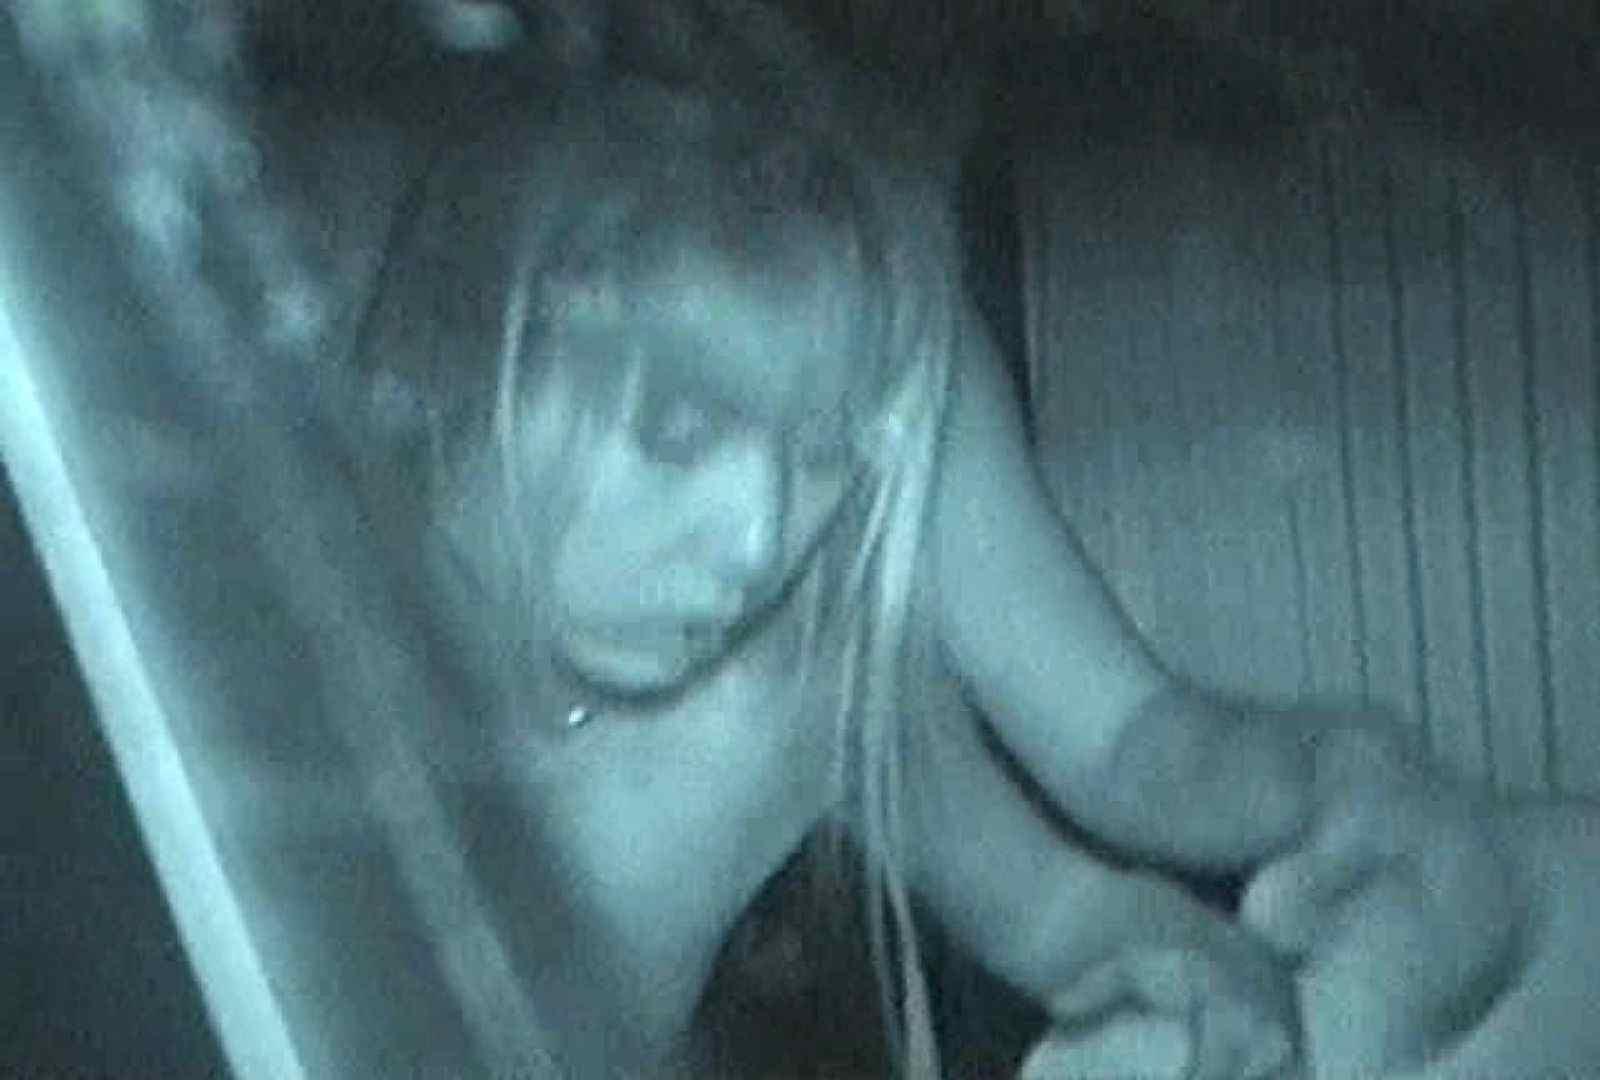 充血監督の深夜の運動会Vol.74 熟女の実態 盗撮戯れ無修正画像 96pic 83